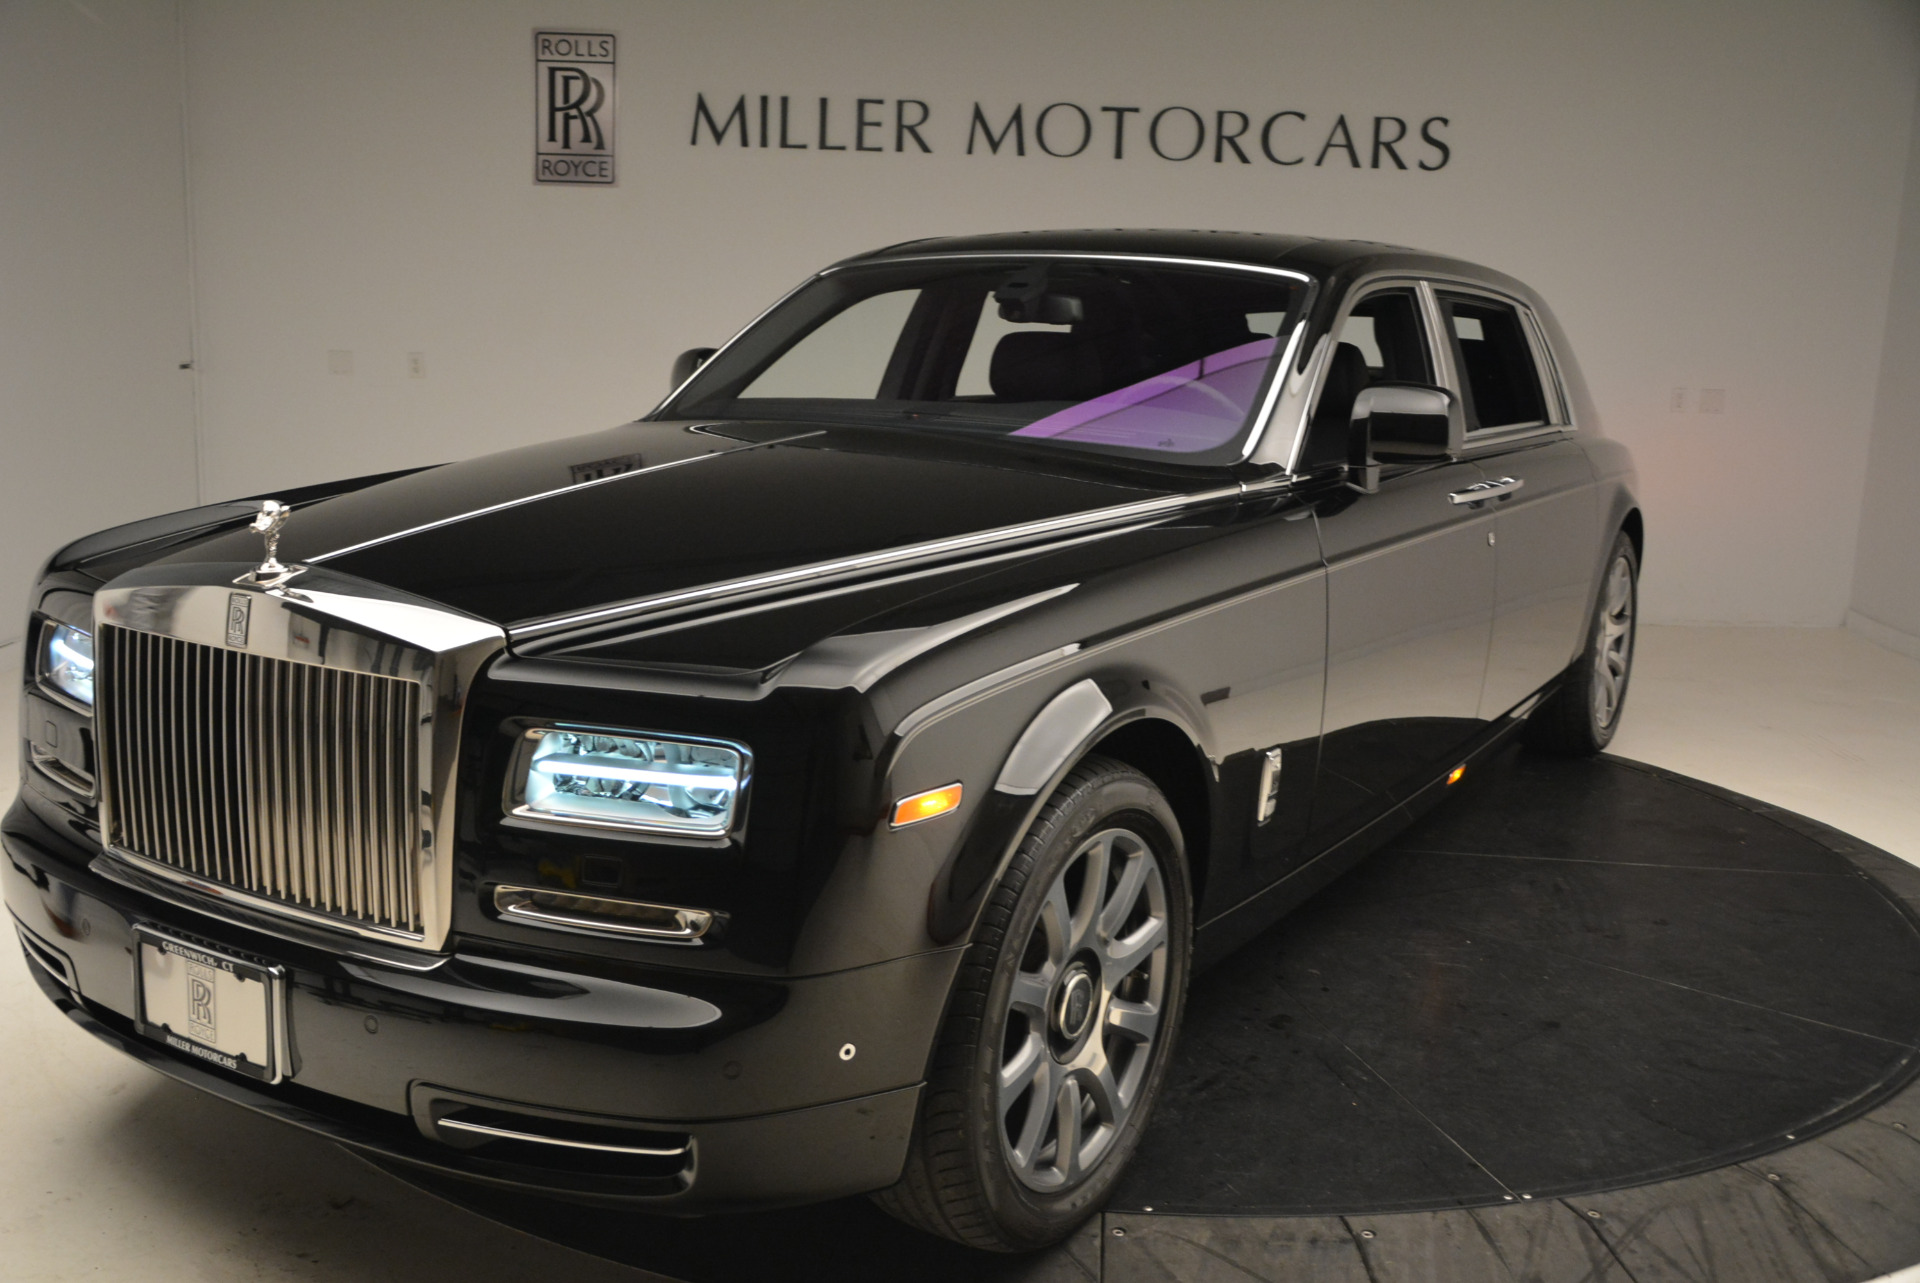 Used 2014 Rolls-Royce Phantom EWB For Sale In Greenwich, CT 2051_p2